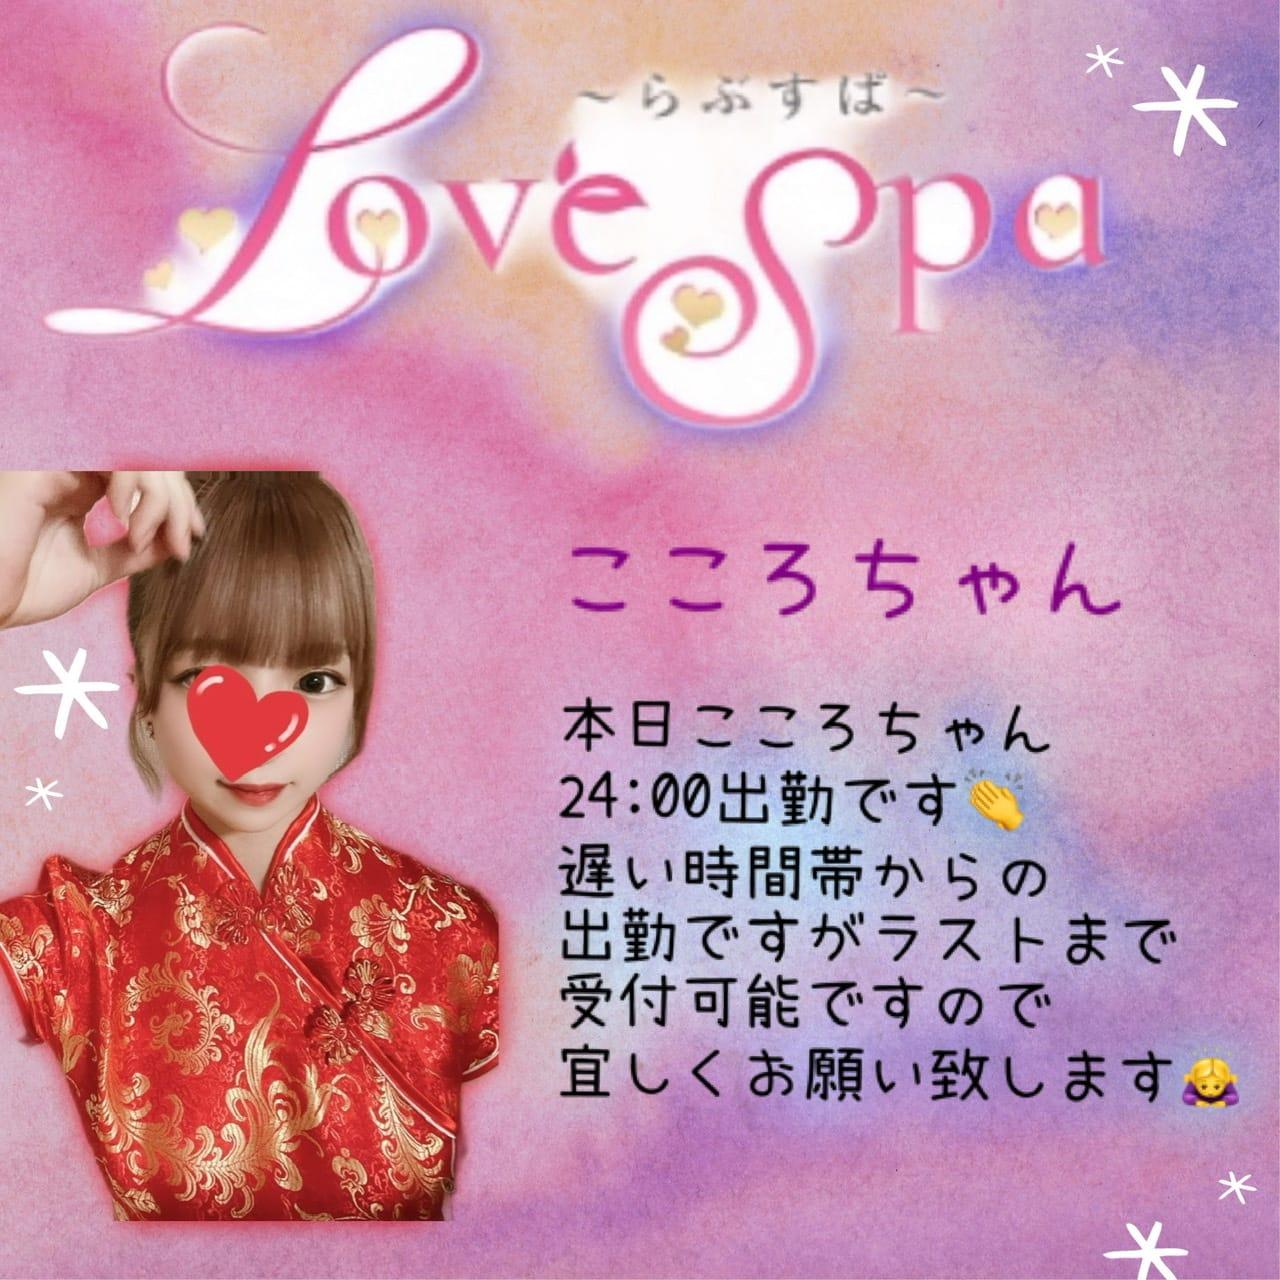 「本日こころちゃん出勤」07/24(土) 21:36   LoveSpa ~ラブスパ~の写メ日記